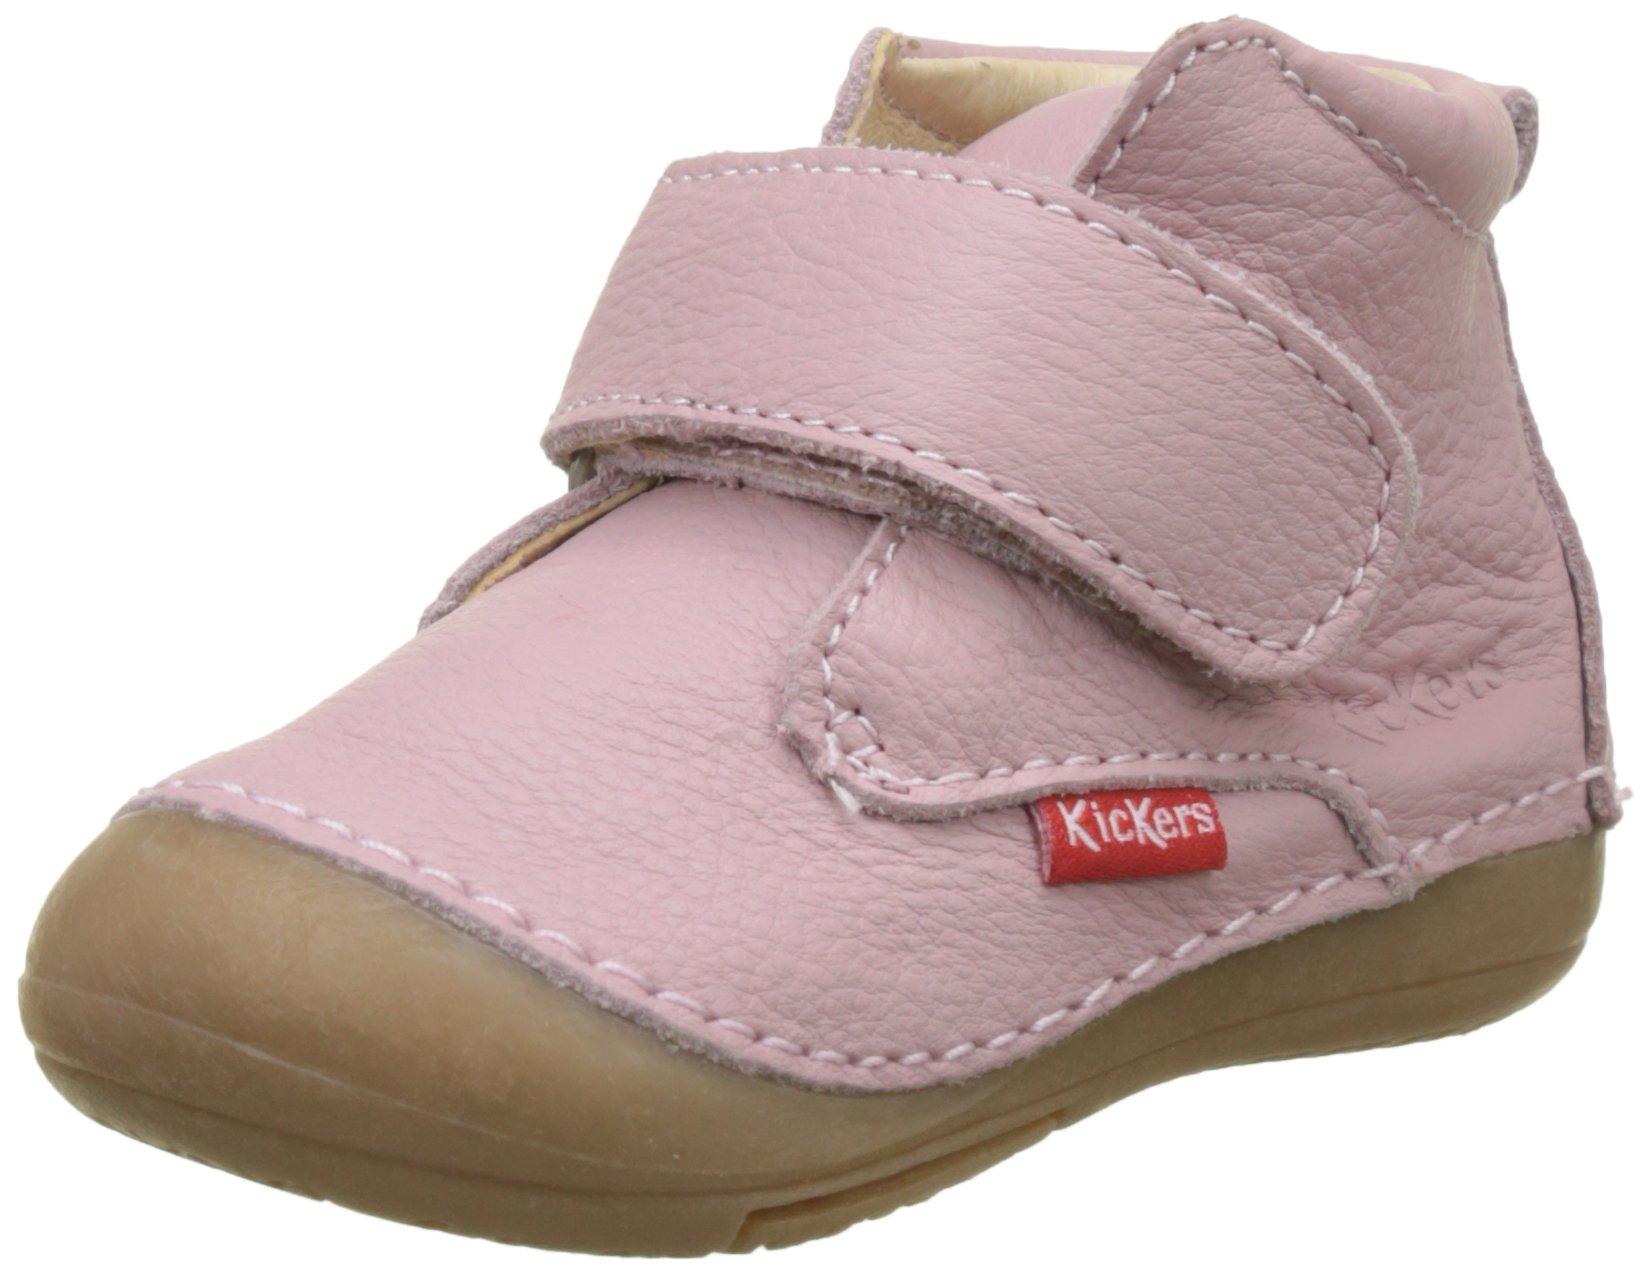 Chaussures Top Fille Notes Les Selon Bébé Uw1dxw8